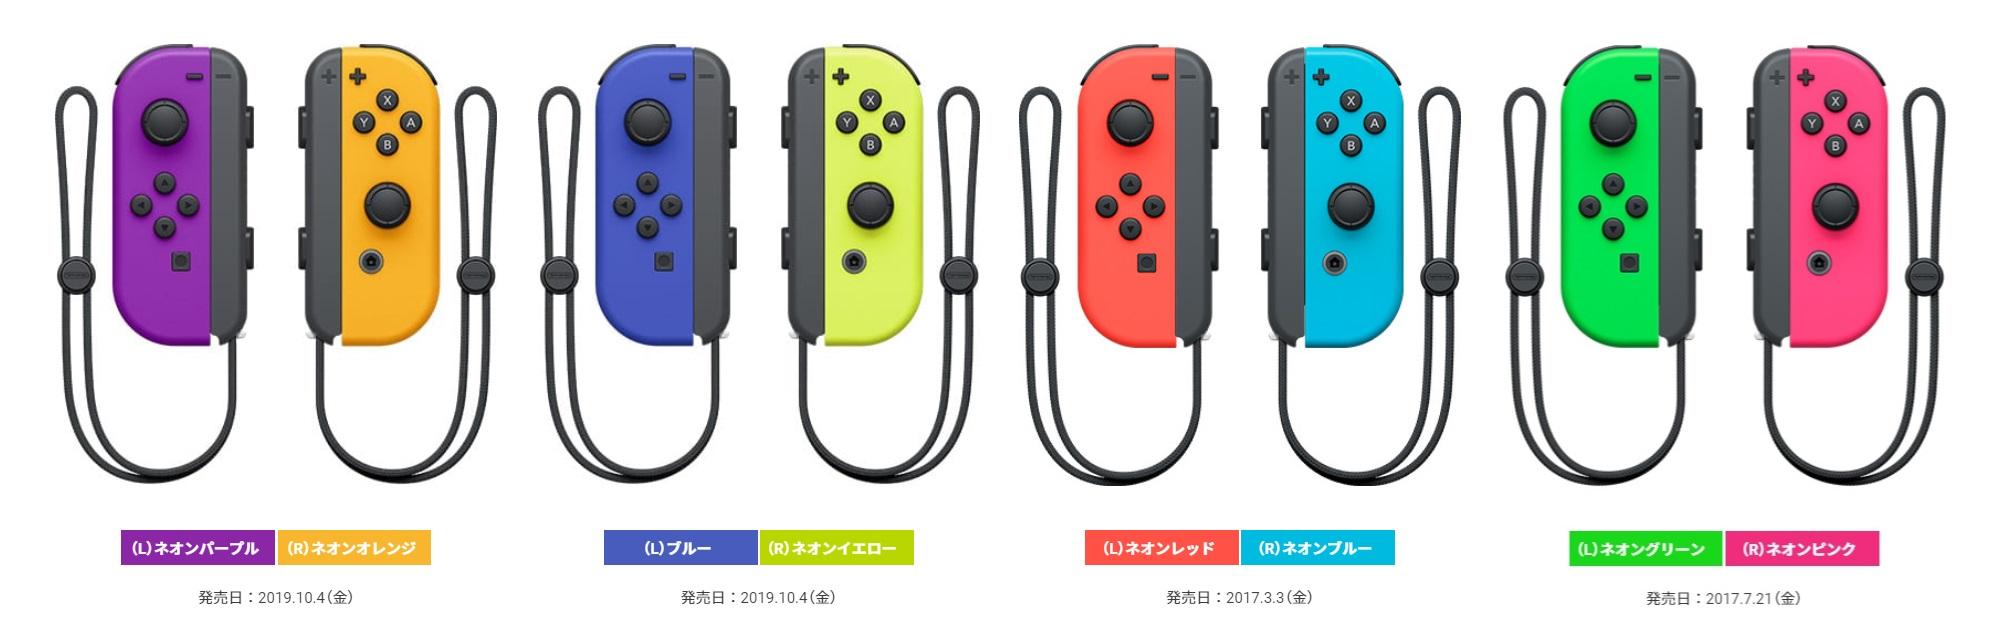 Switch ジョイコンのカラーバリエーション